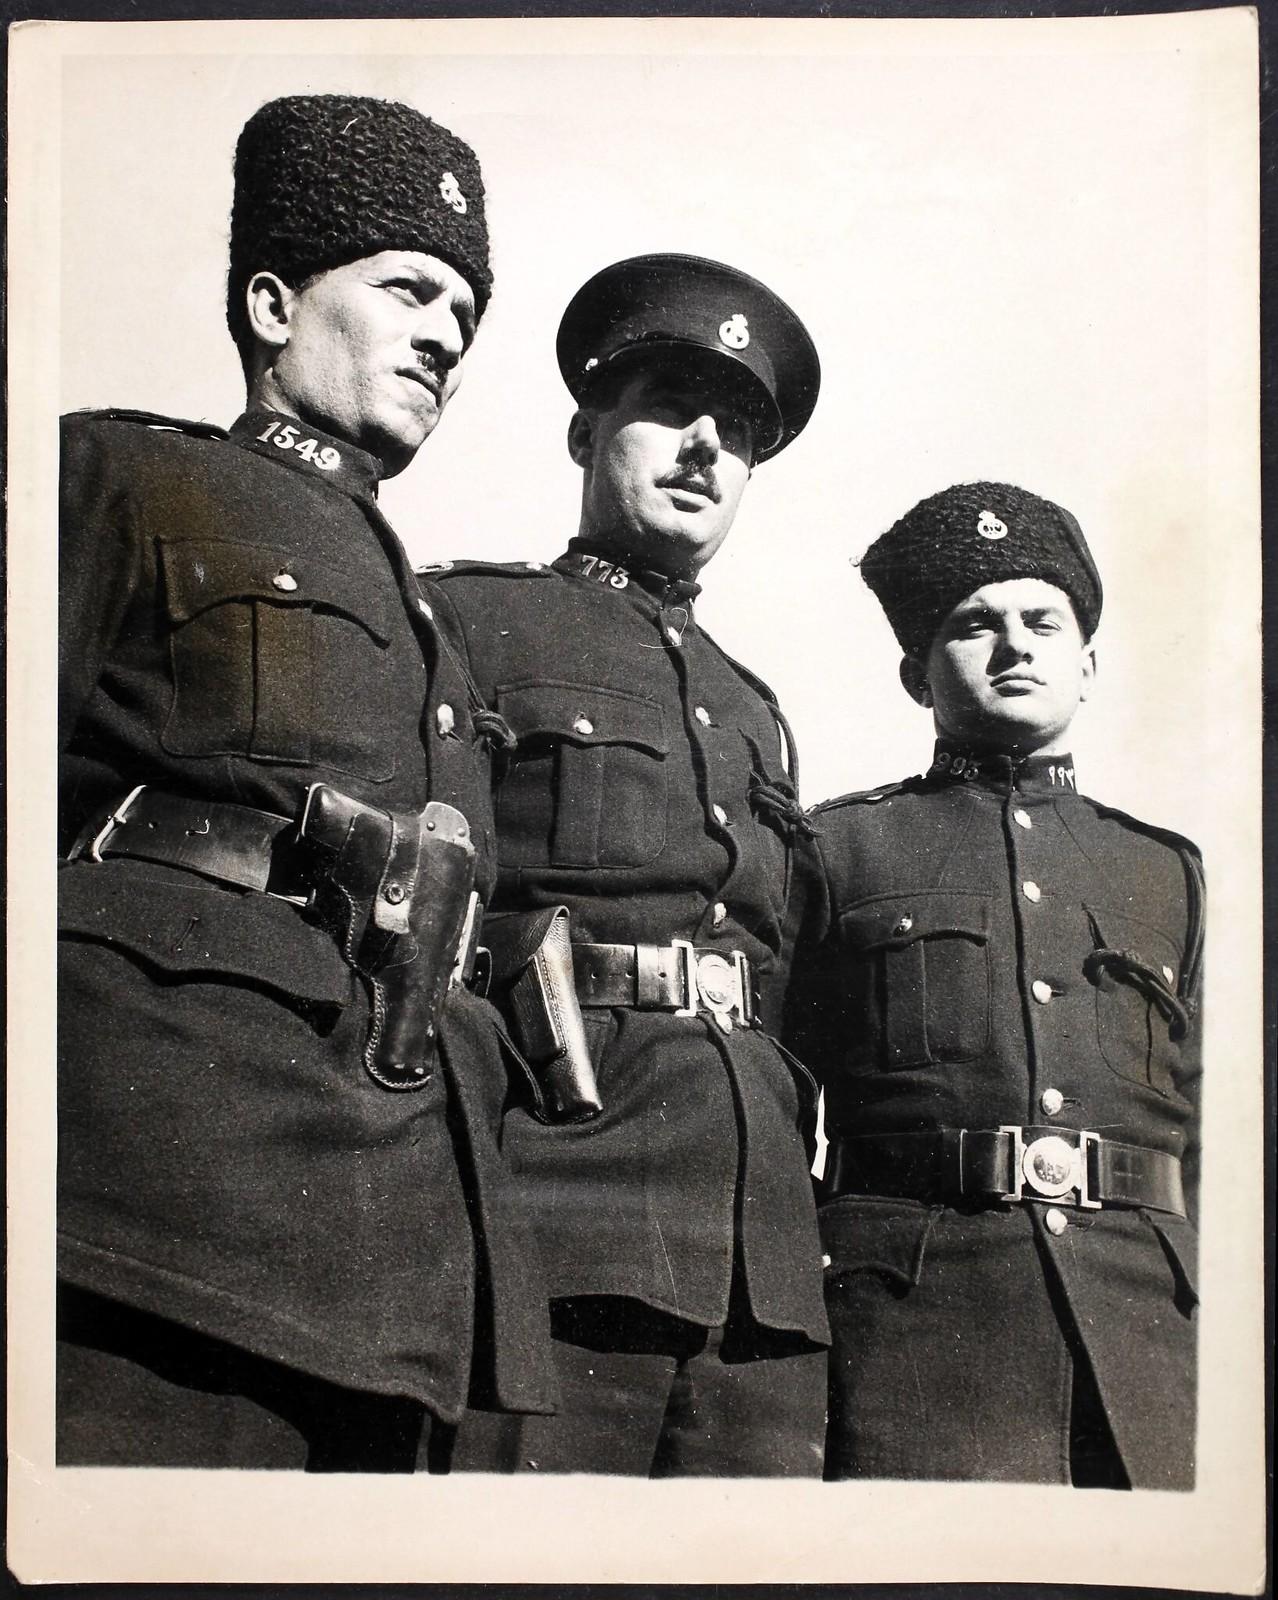 12. 1938. Трое полицейских из Акко. слева направо арабский, британский и еврейский офицеры, 3 января